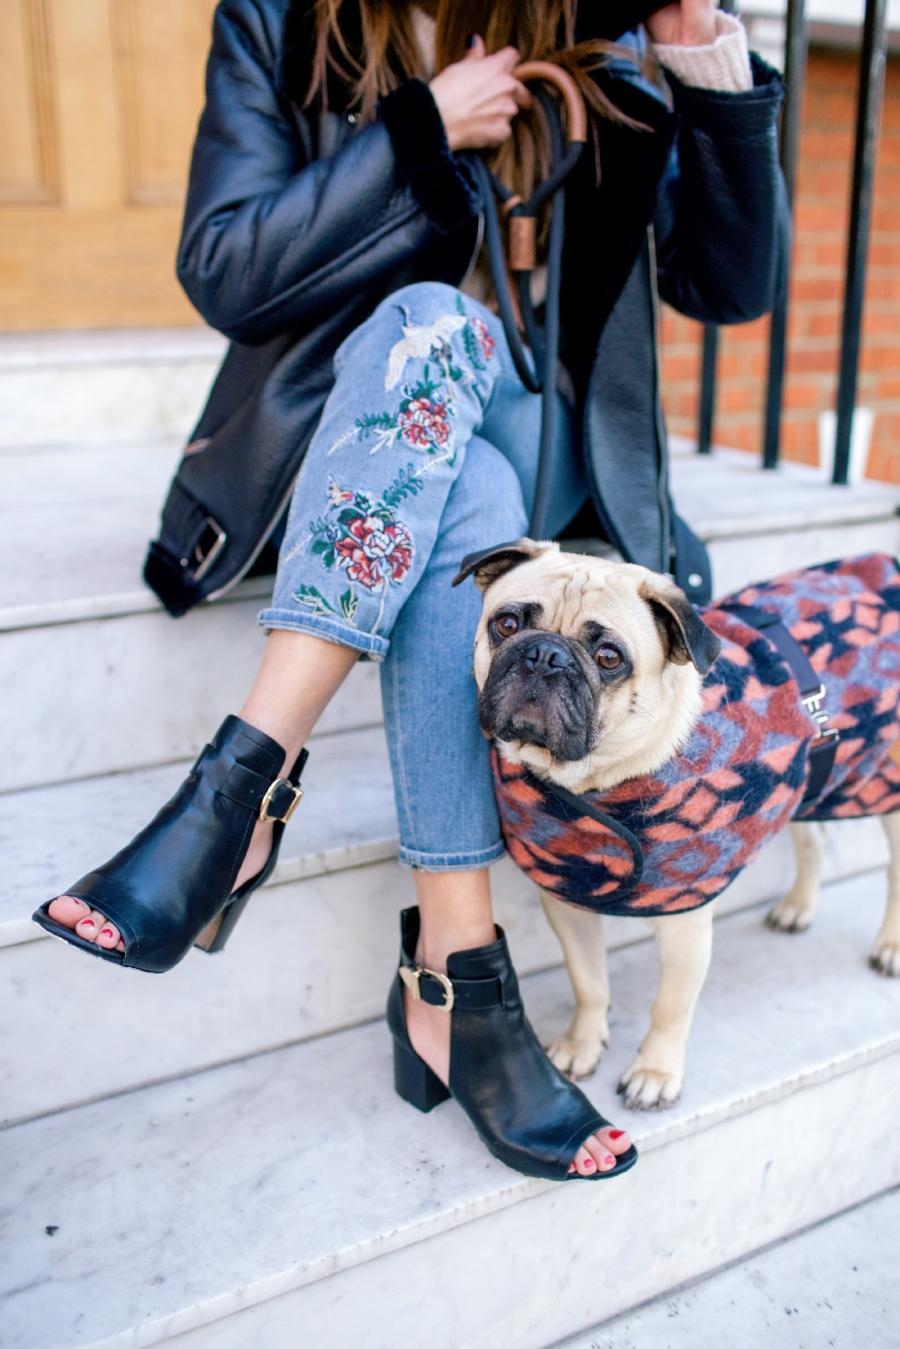 humanandhoundfashion-dogfashionblog-dogfashion-petfashionblog-petfashion-dogsinclothes-london-chelsea-londondoors-twinning-personalstyle-bestdogbloglondon-topdogblog-bestdogblog-bohemianstyle-embroideredjeans-dogjacket-peeptoeboots-londonstreetstyle-londonblogger-uk-lifestyleblog-dogfriendly-dogfriendlyblog